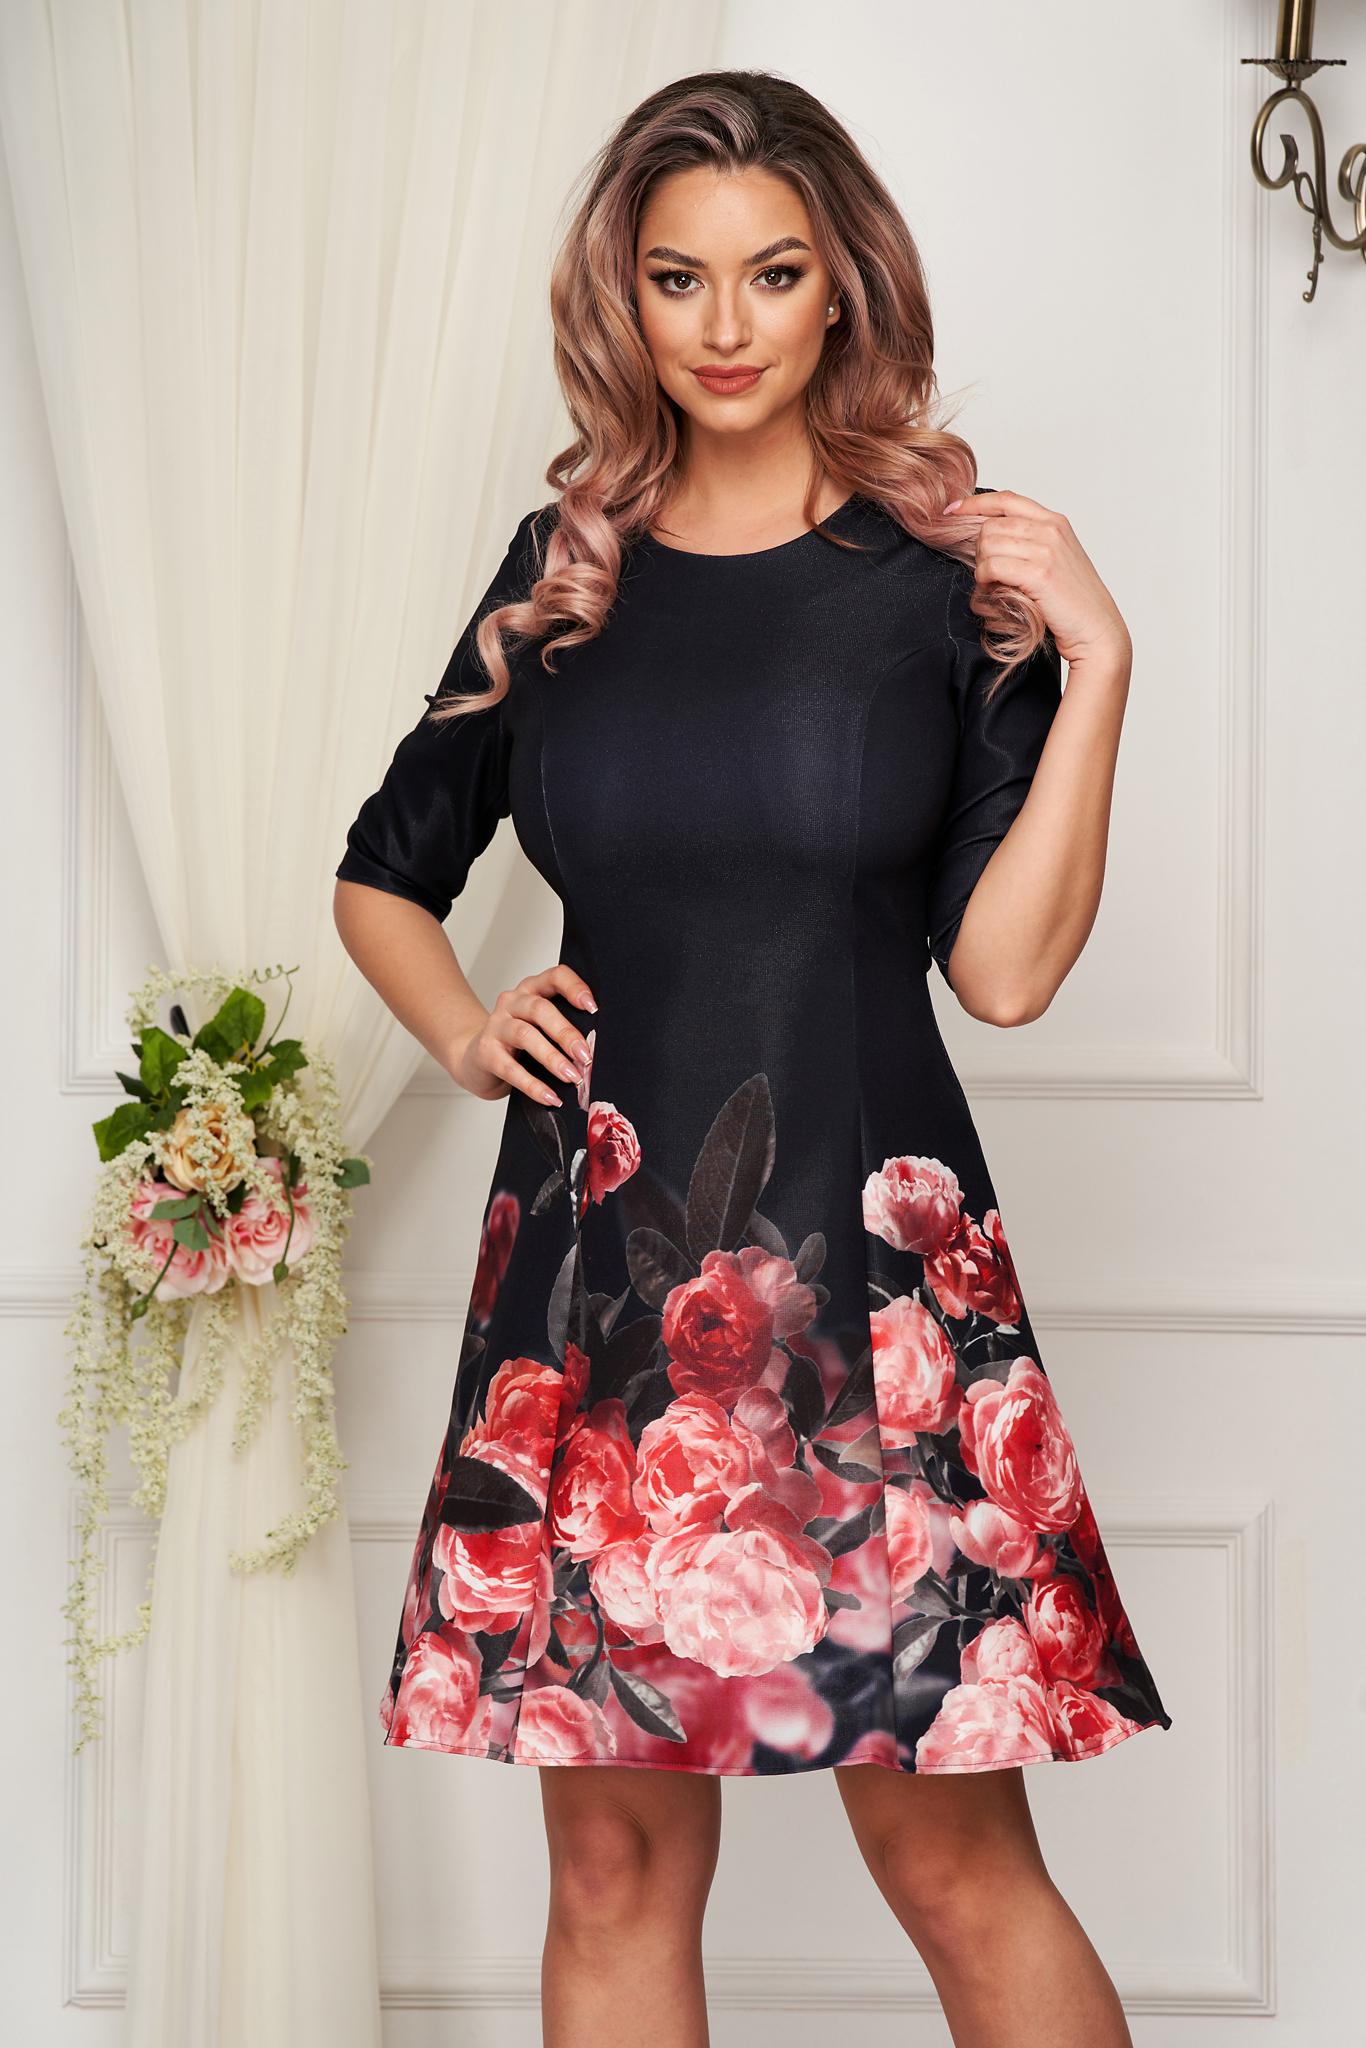 Rochie StarShinerS neagra scurta de zi in clos din stofa elastica cu imprimeu floral